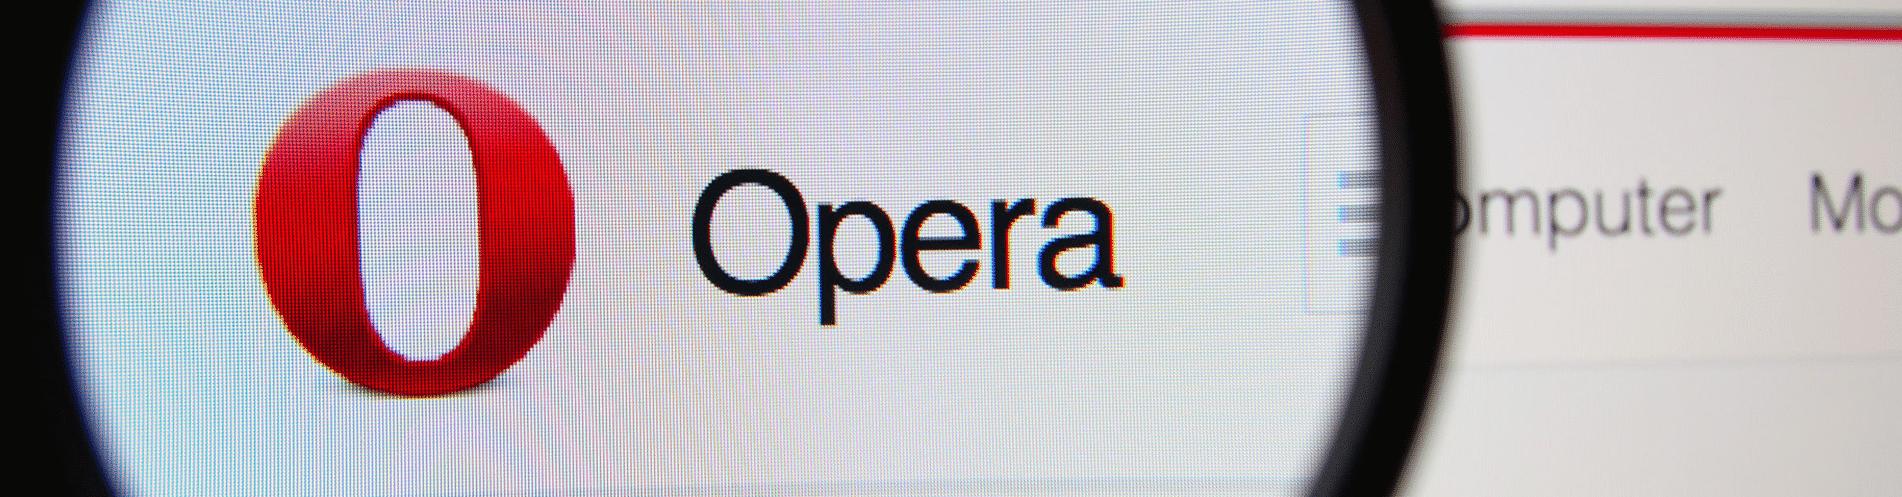 Как в Опере переводить страницы на русский: пошаговая инструкция с фото